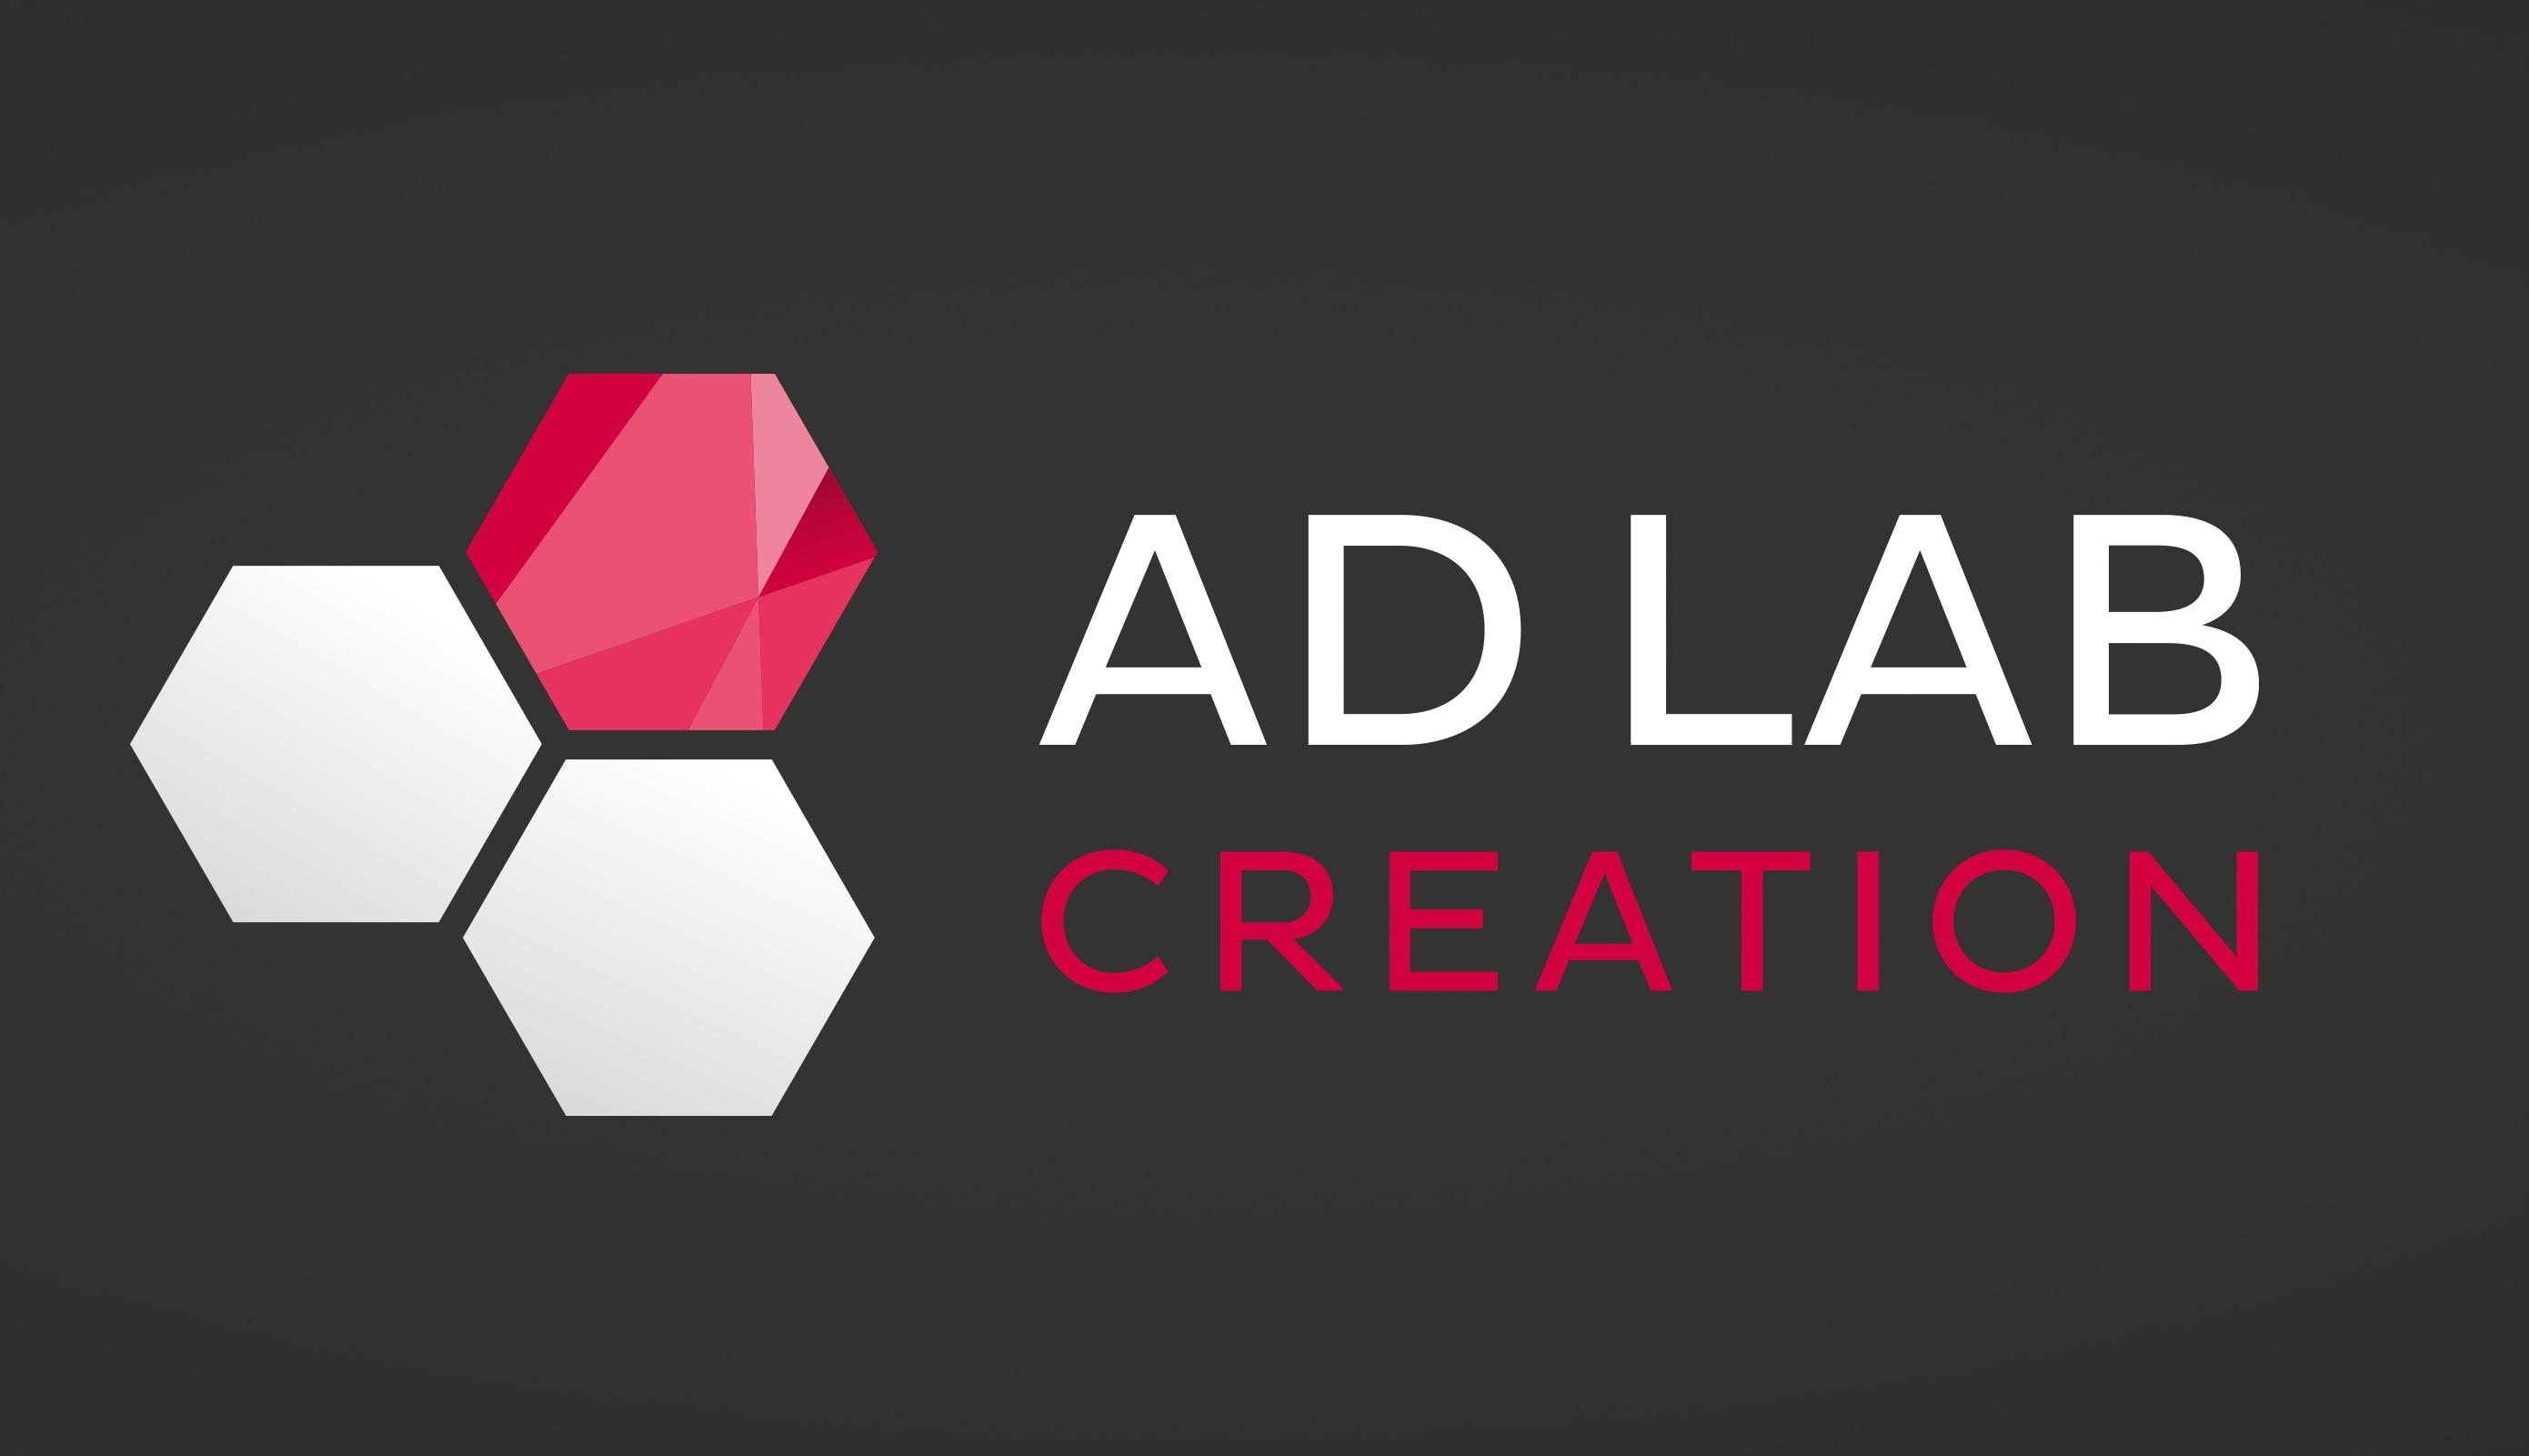 AD LAB CREATION